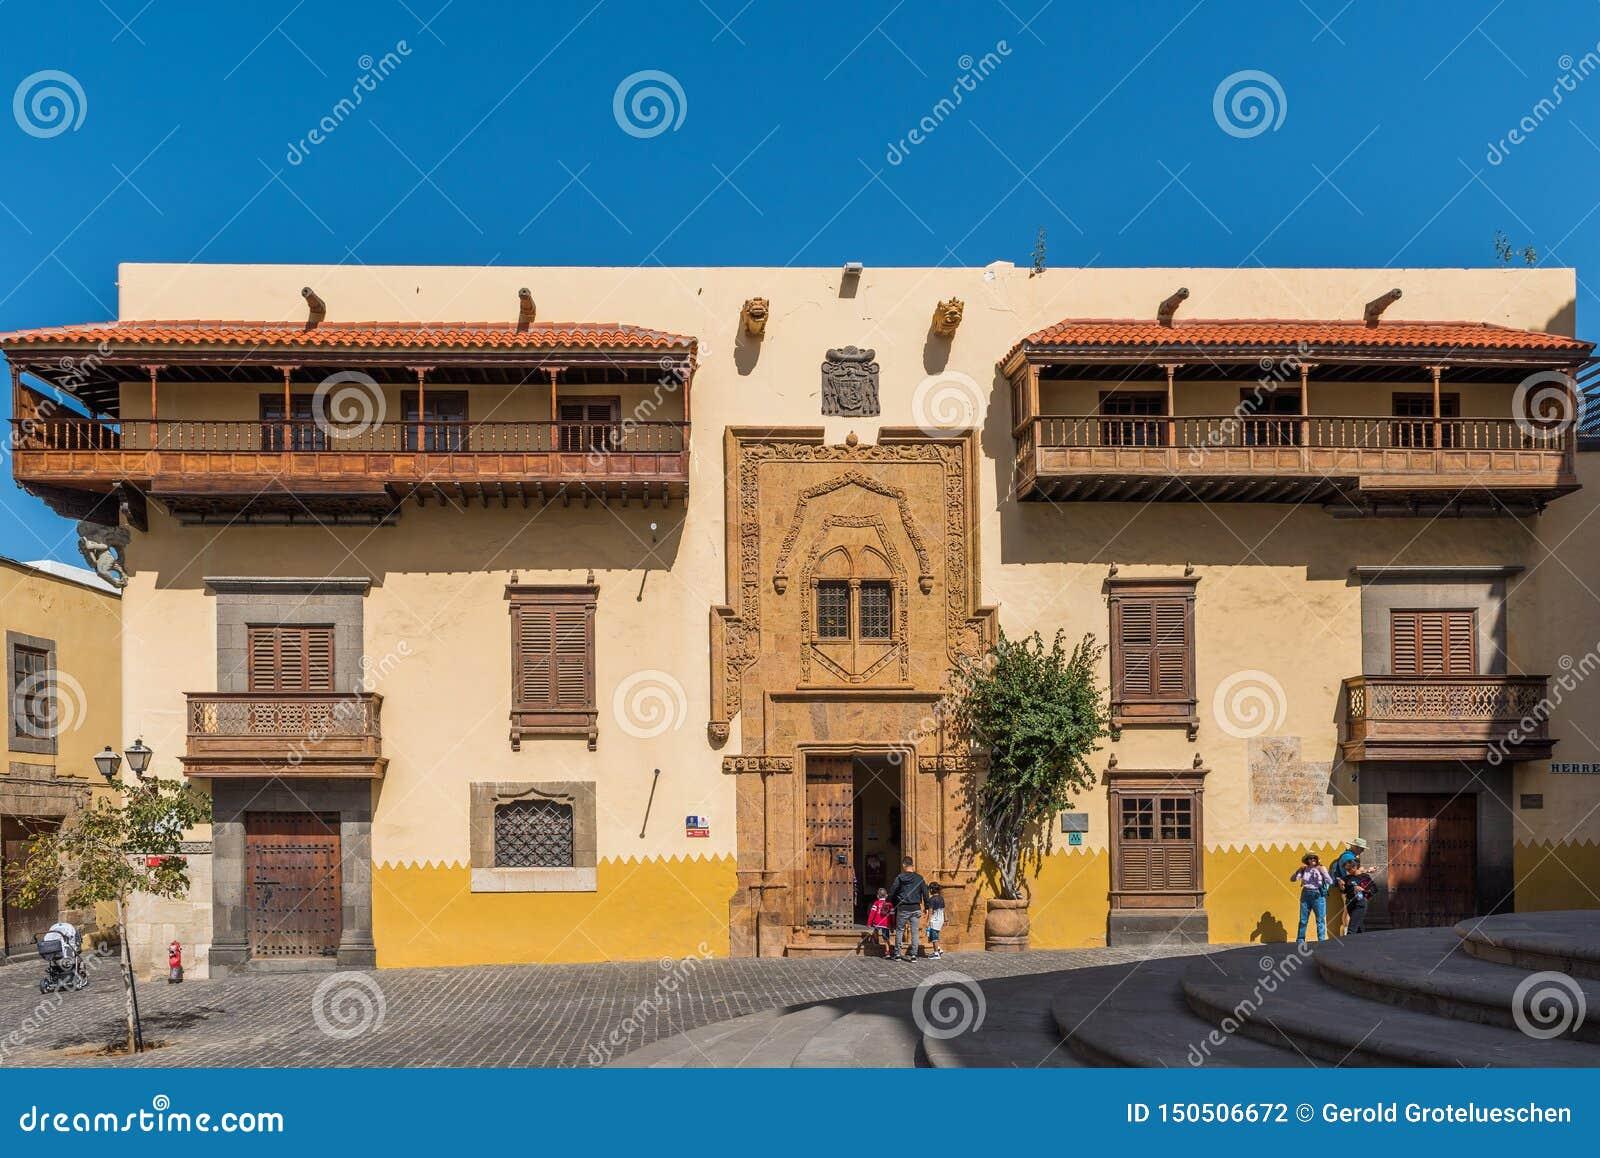 Columbus House dans Las Palmas de Gran Canaria, Espagne